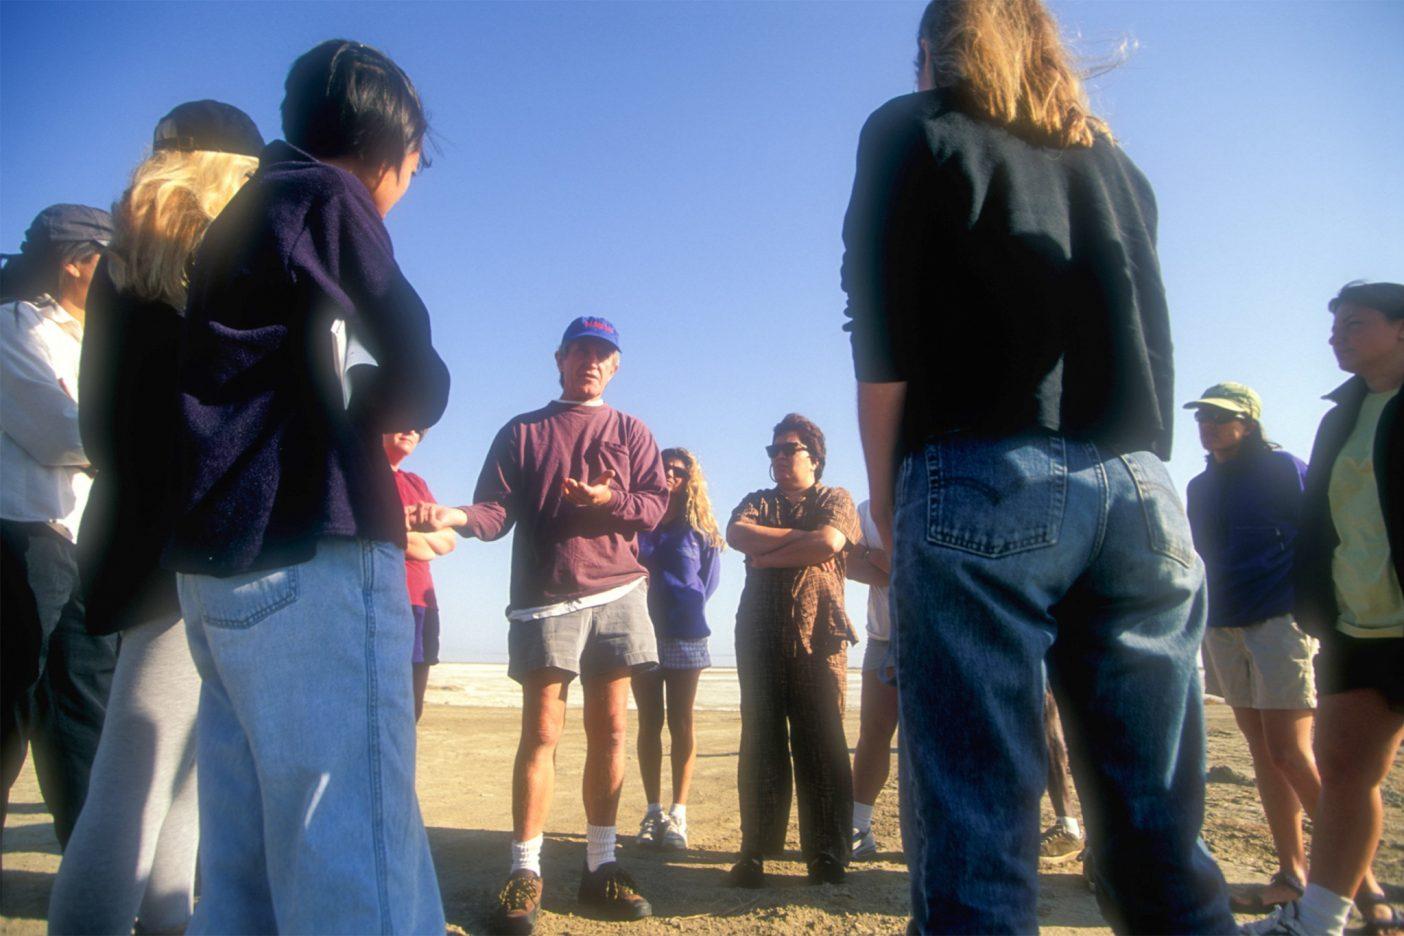 人の健康がかかっているとき、それはただ普通の野外見学ではない。カリフォルニア州サンホアキン・バレー Photo:Corey Rich